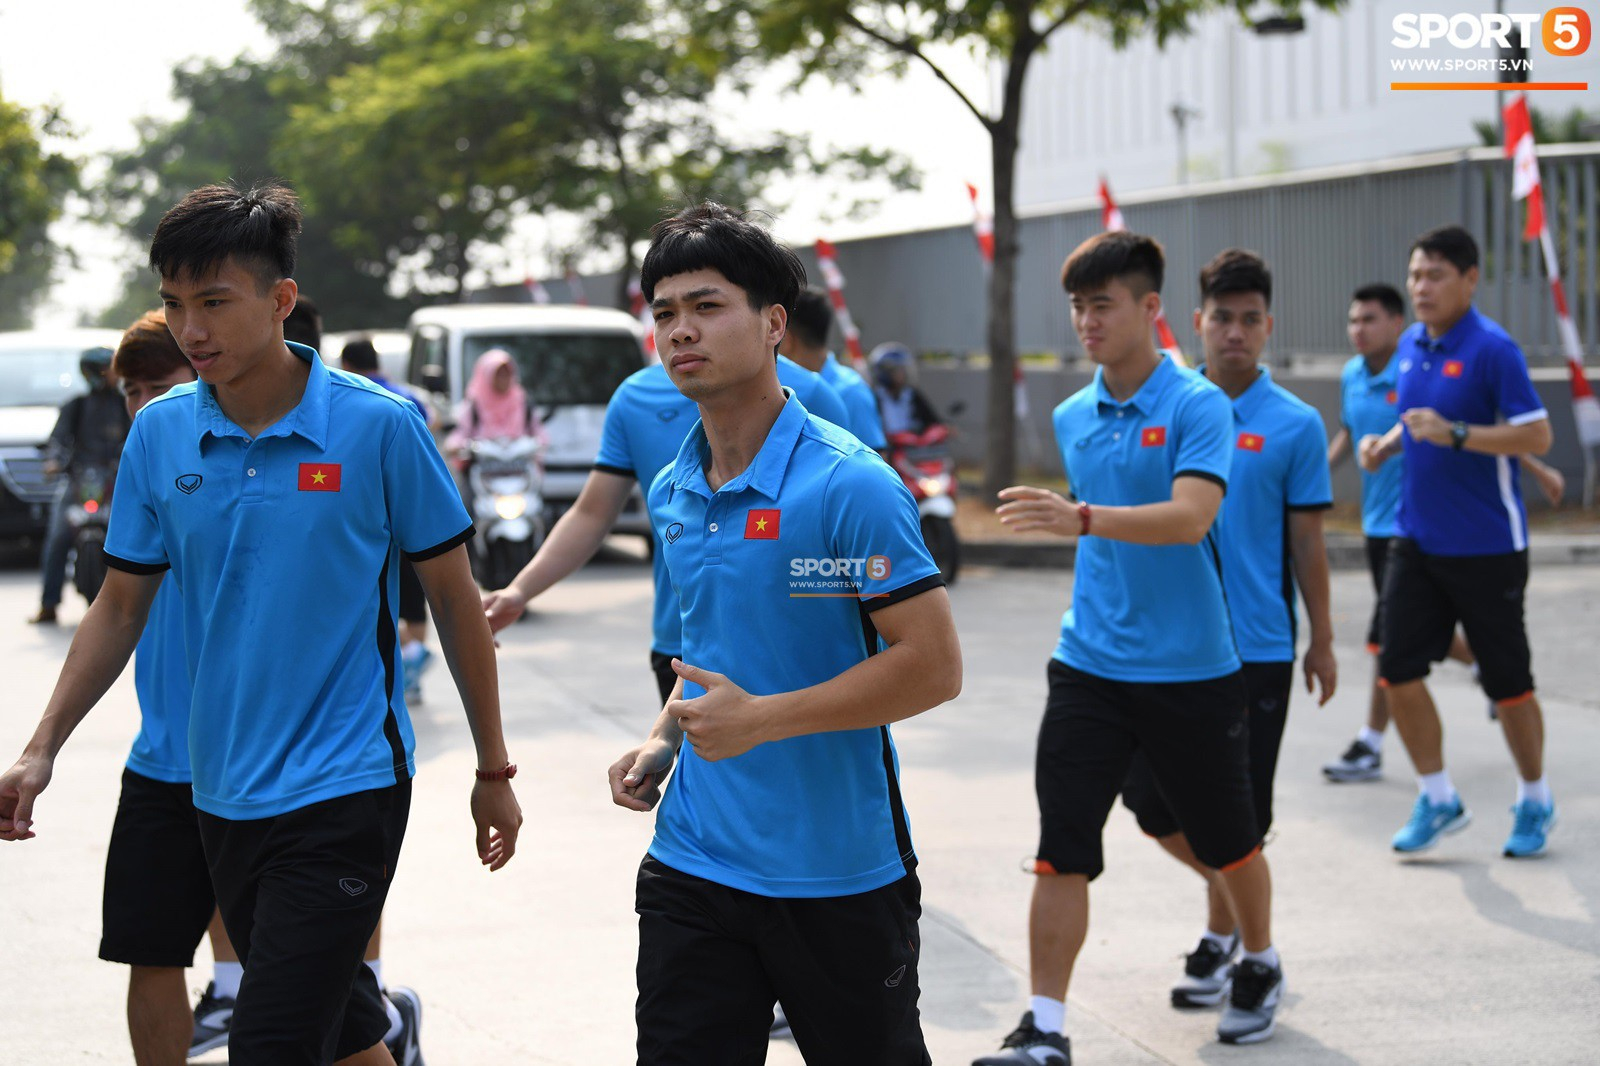 HLV Park Hang Seo cẩn thận cùng ban huấn luyện ngăn xe cho học trò băng qua đường tập luyện - Ảnh 7.